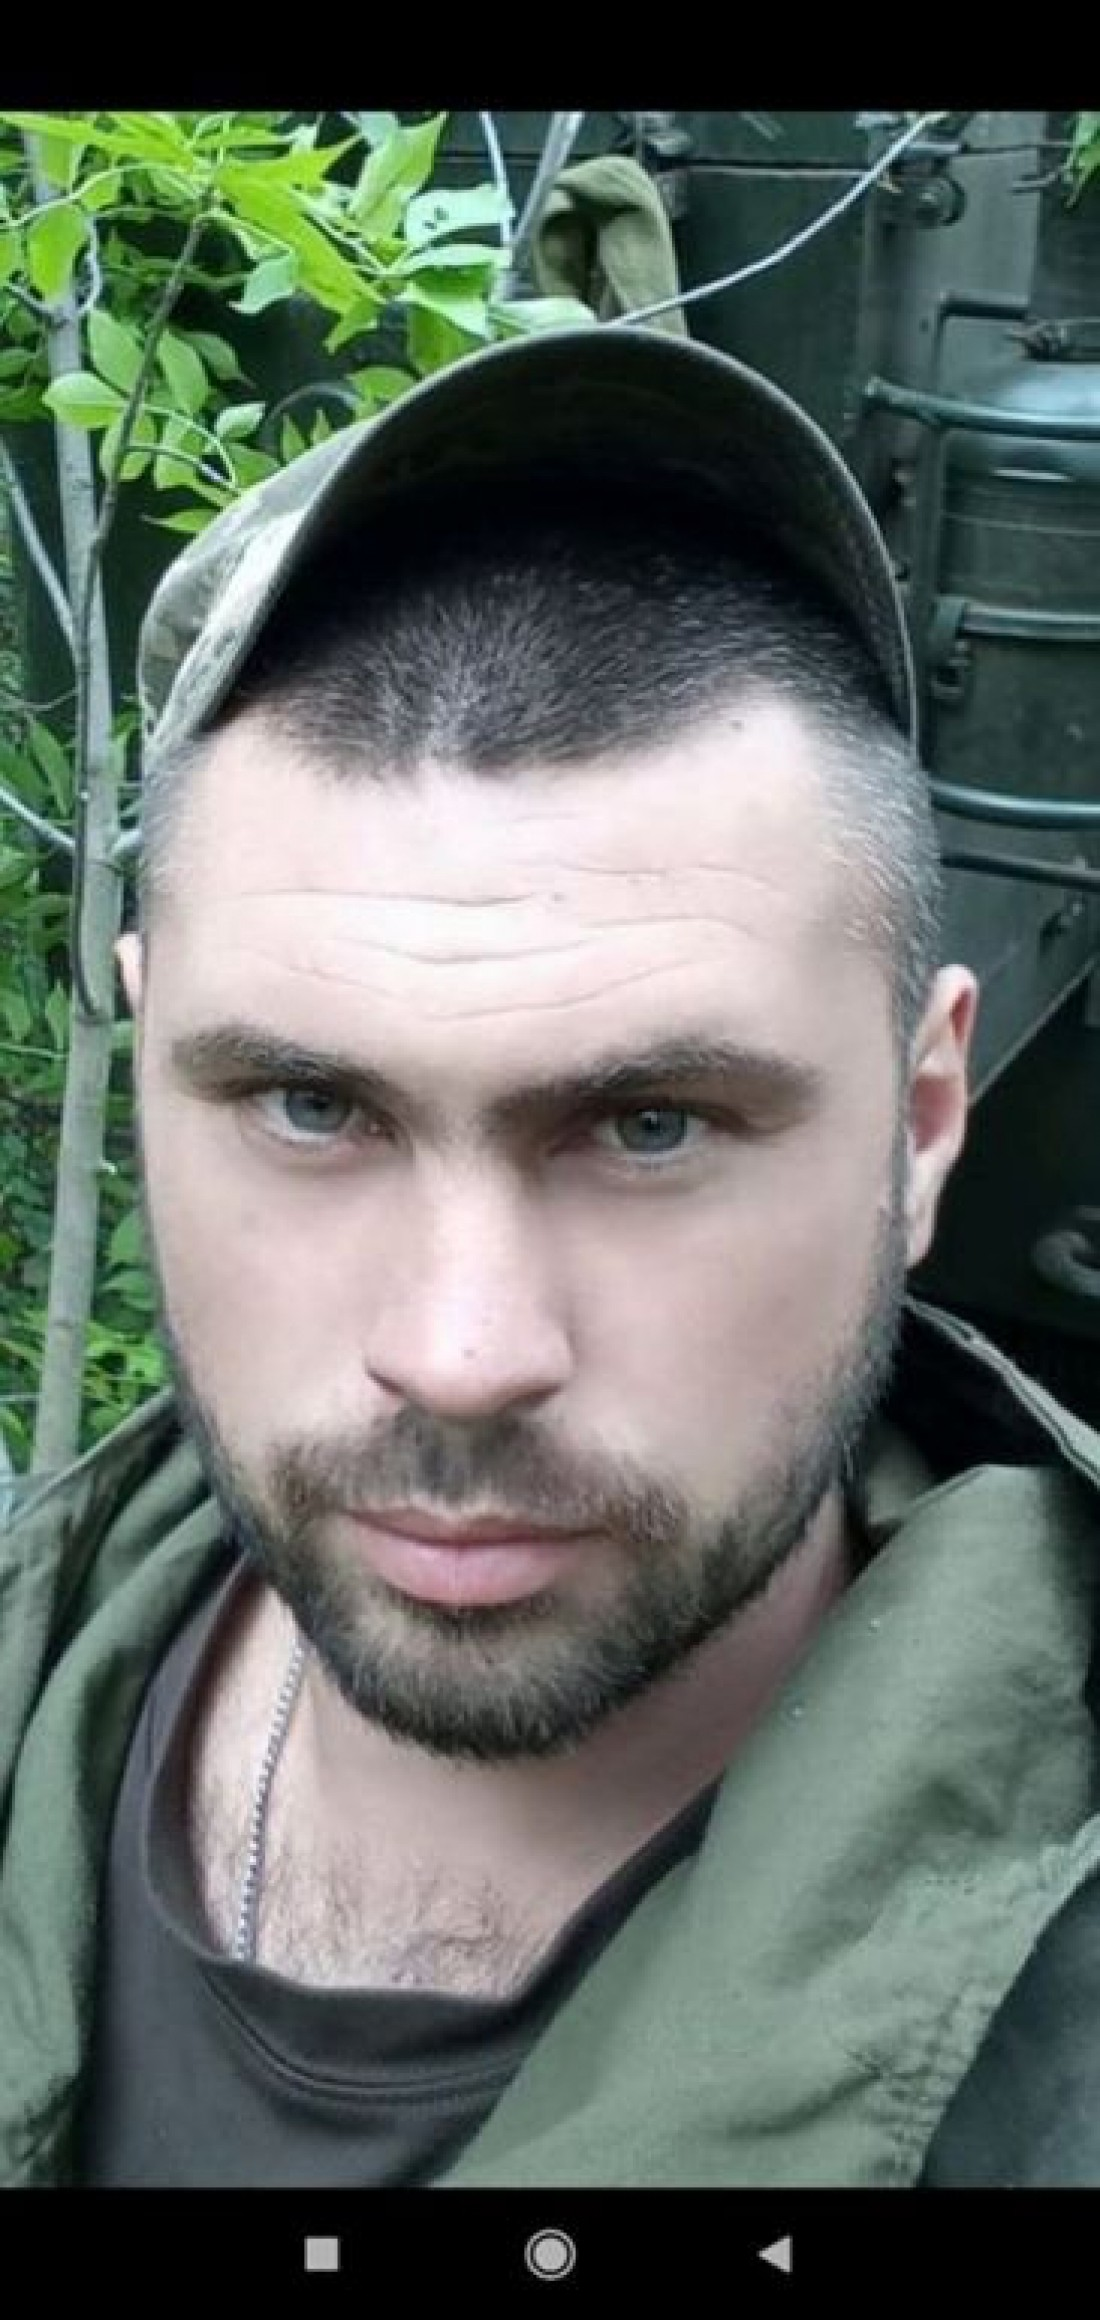 Рост пропавшего бойца ВСУ около 183 см